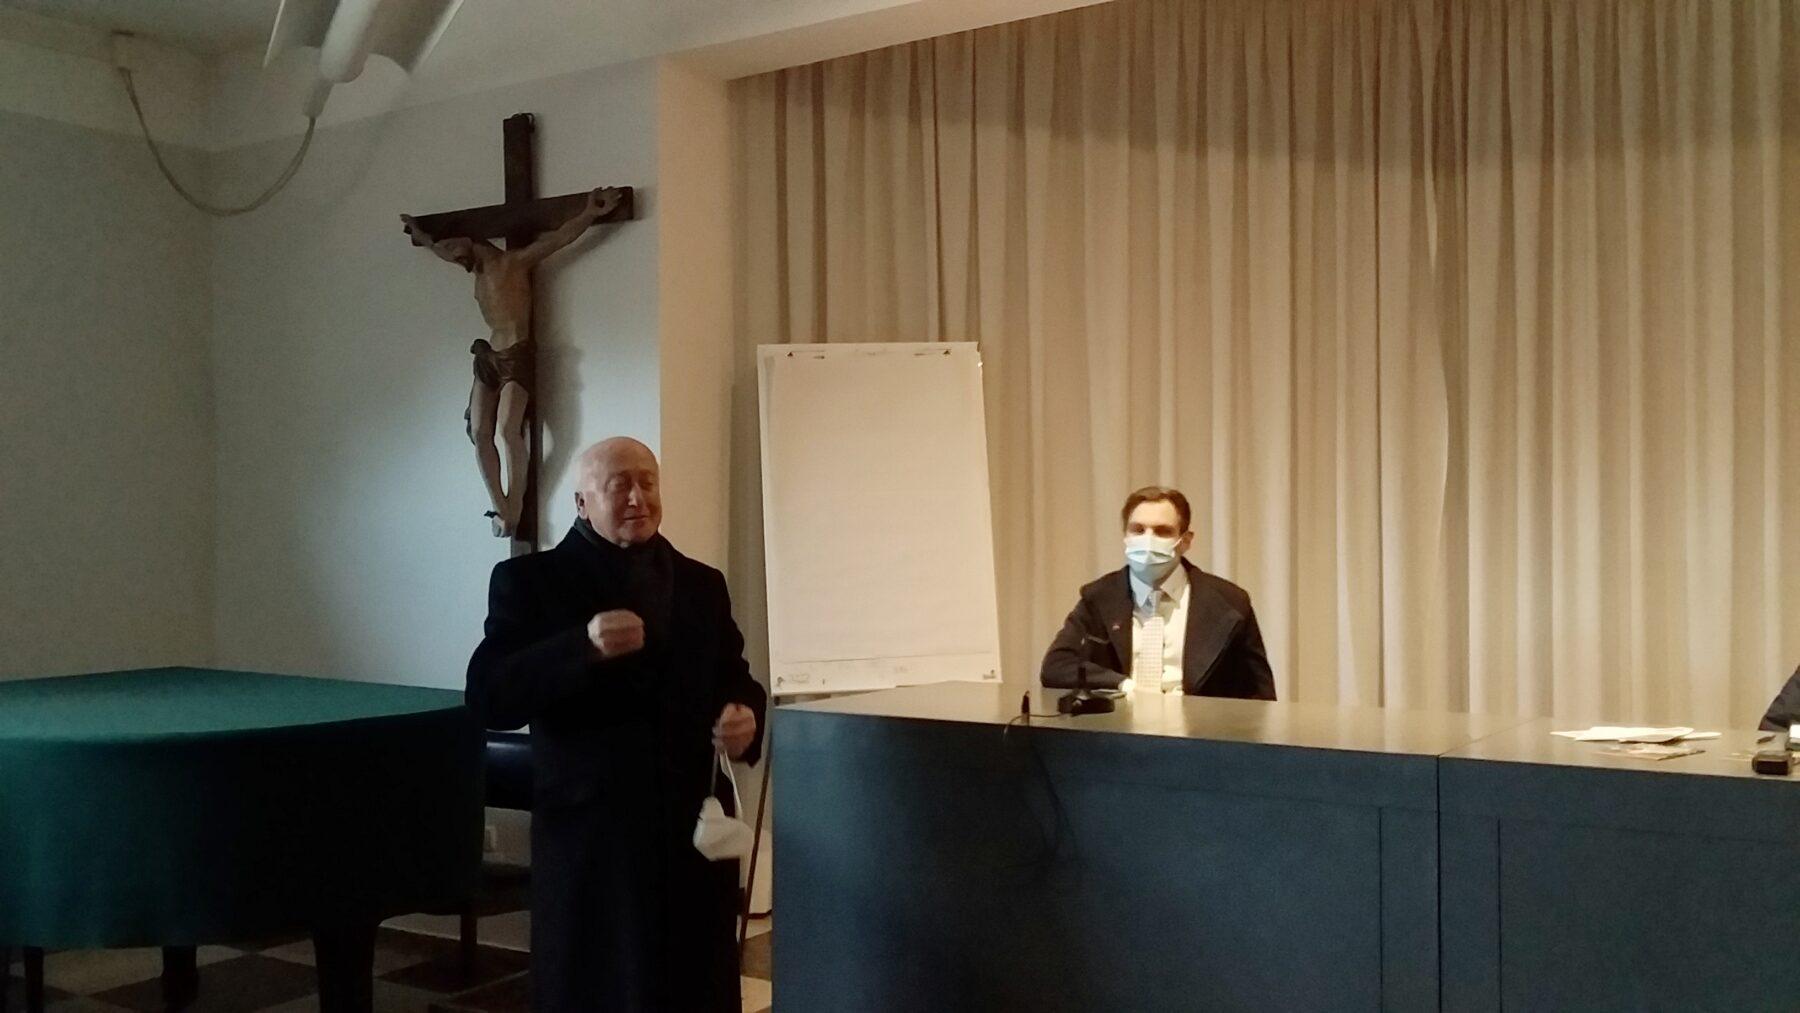 Magenta - Il Magentino si prerara a festeggiare Santa Gianna. A breve la ristrutturazione della casa a Pontenuovo 02/03/2021